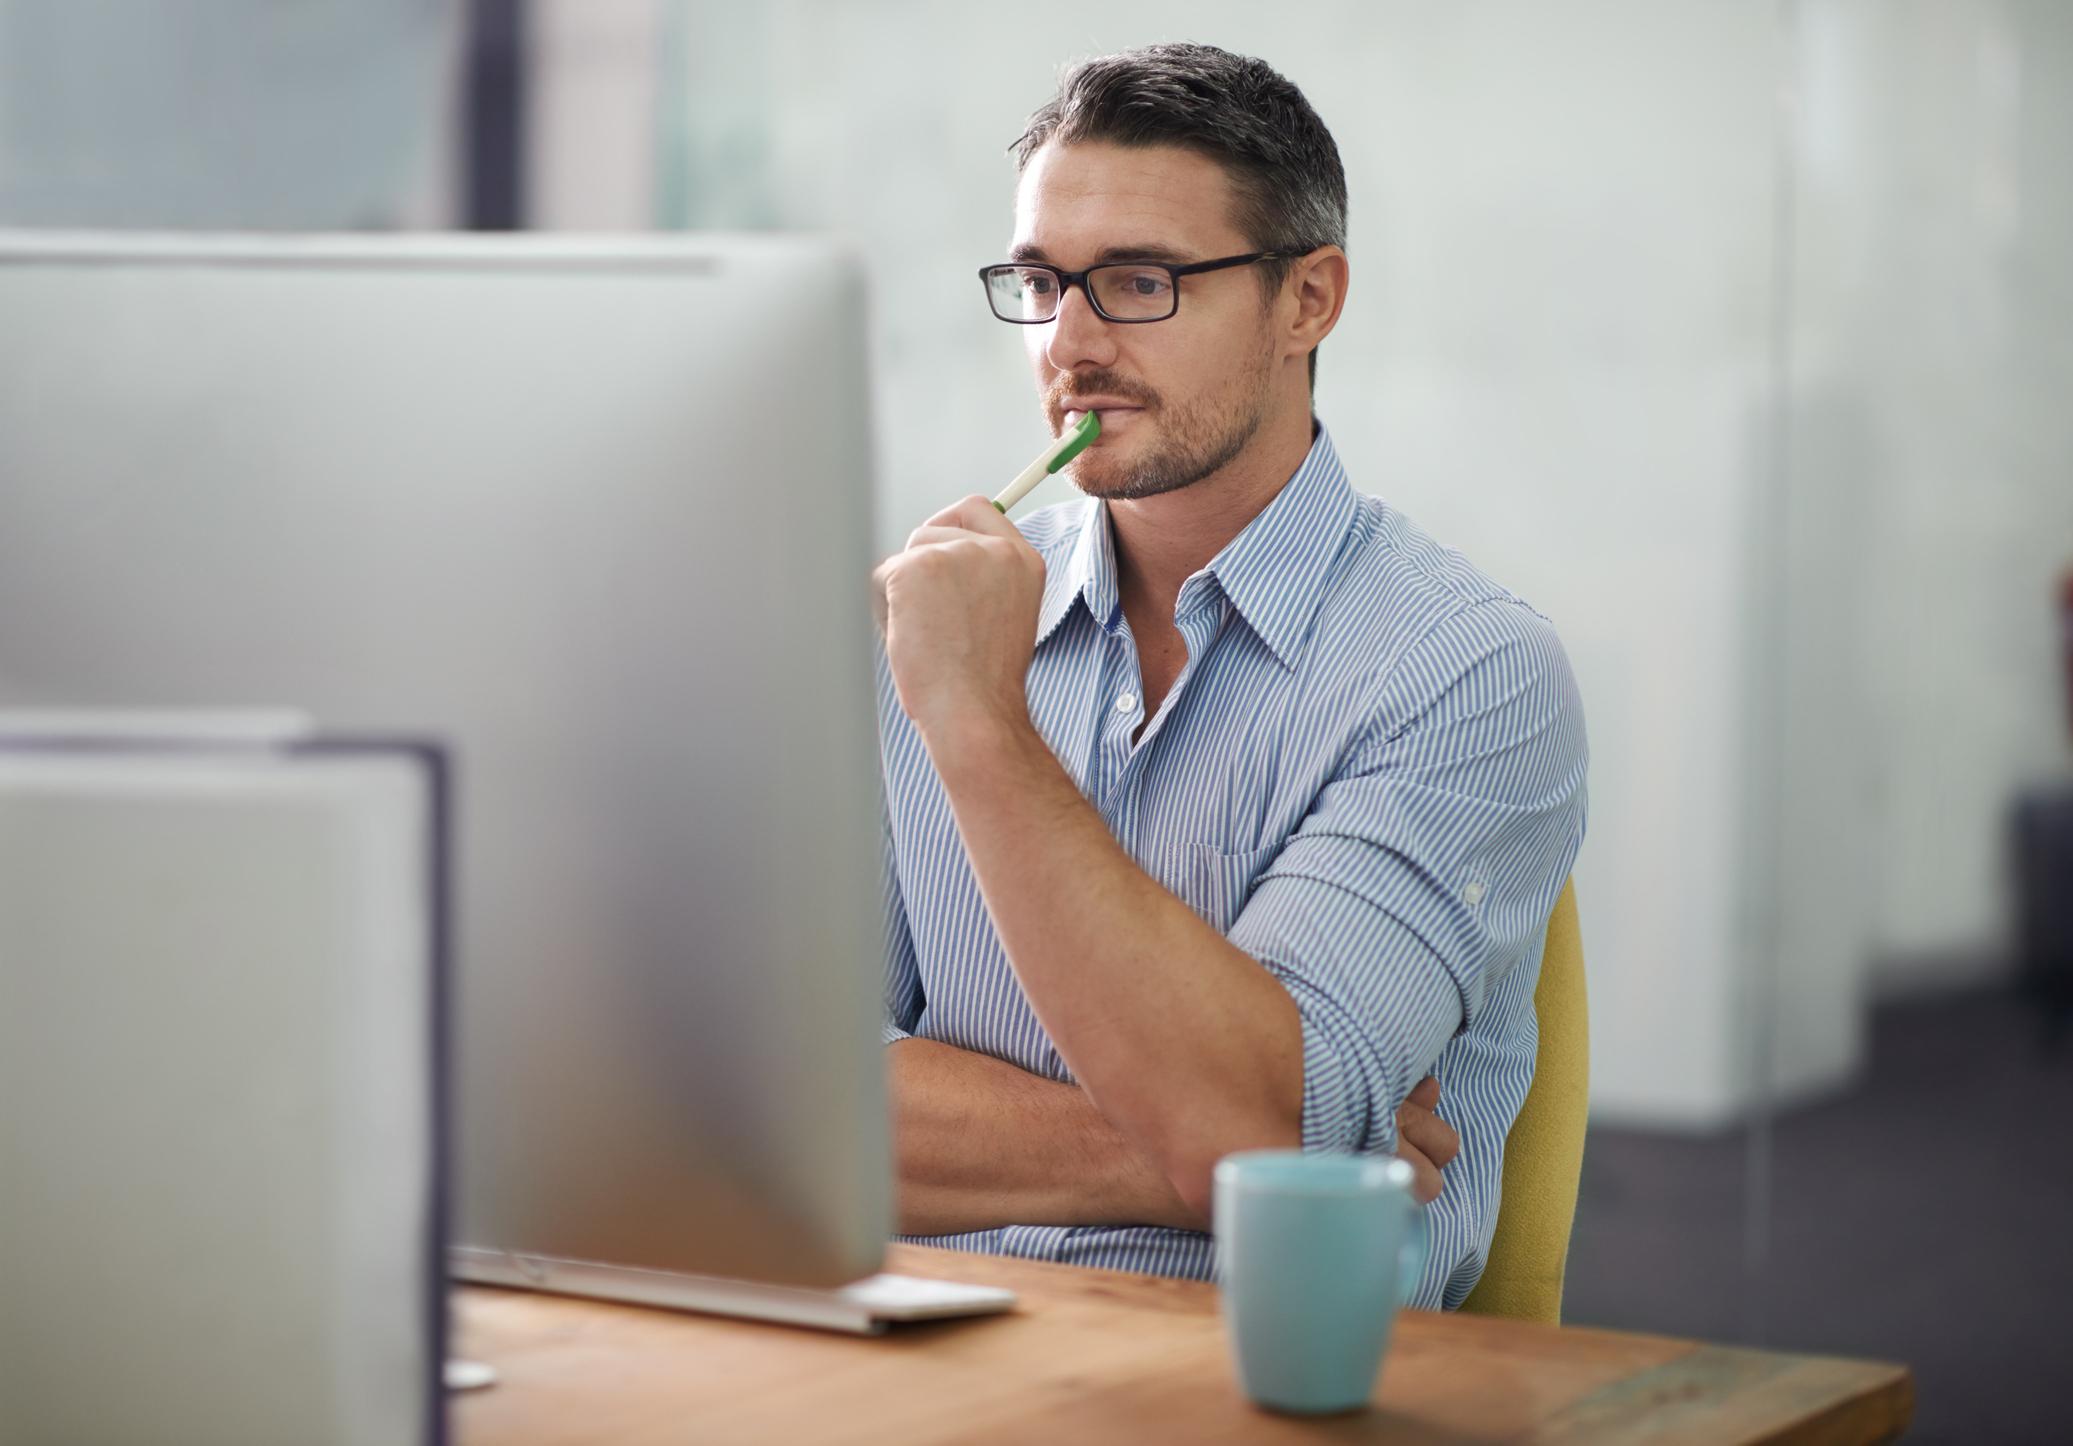 Man looking at computer screen